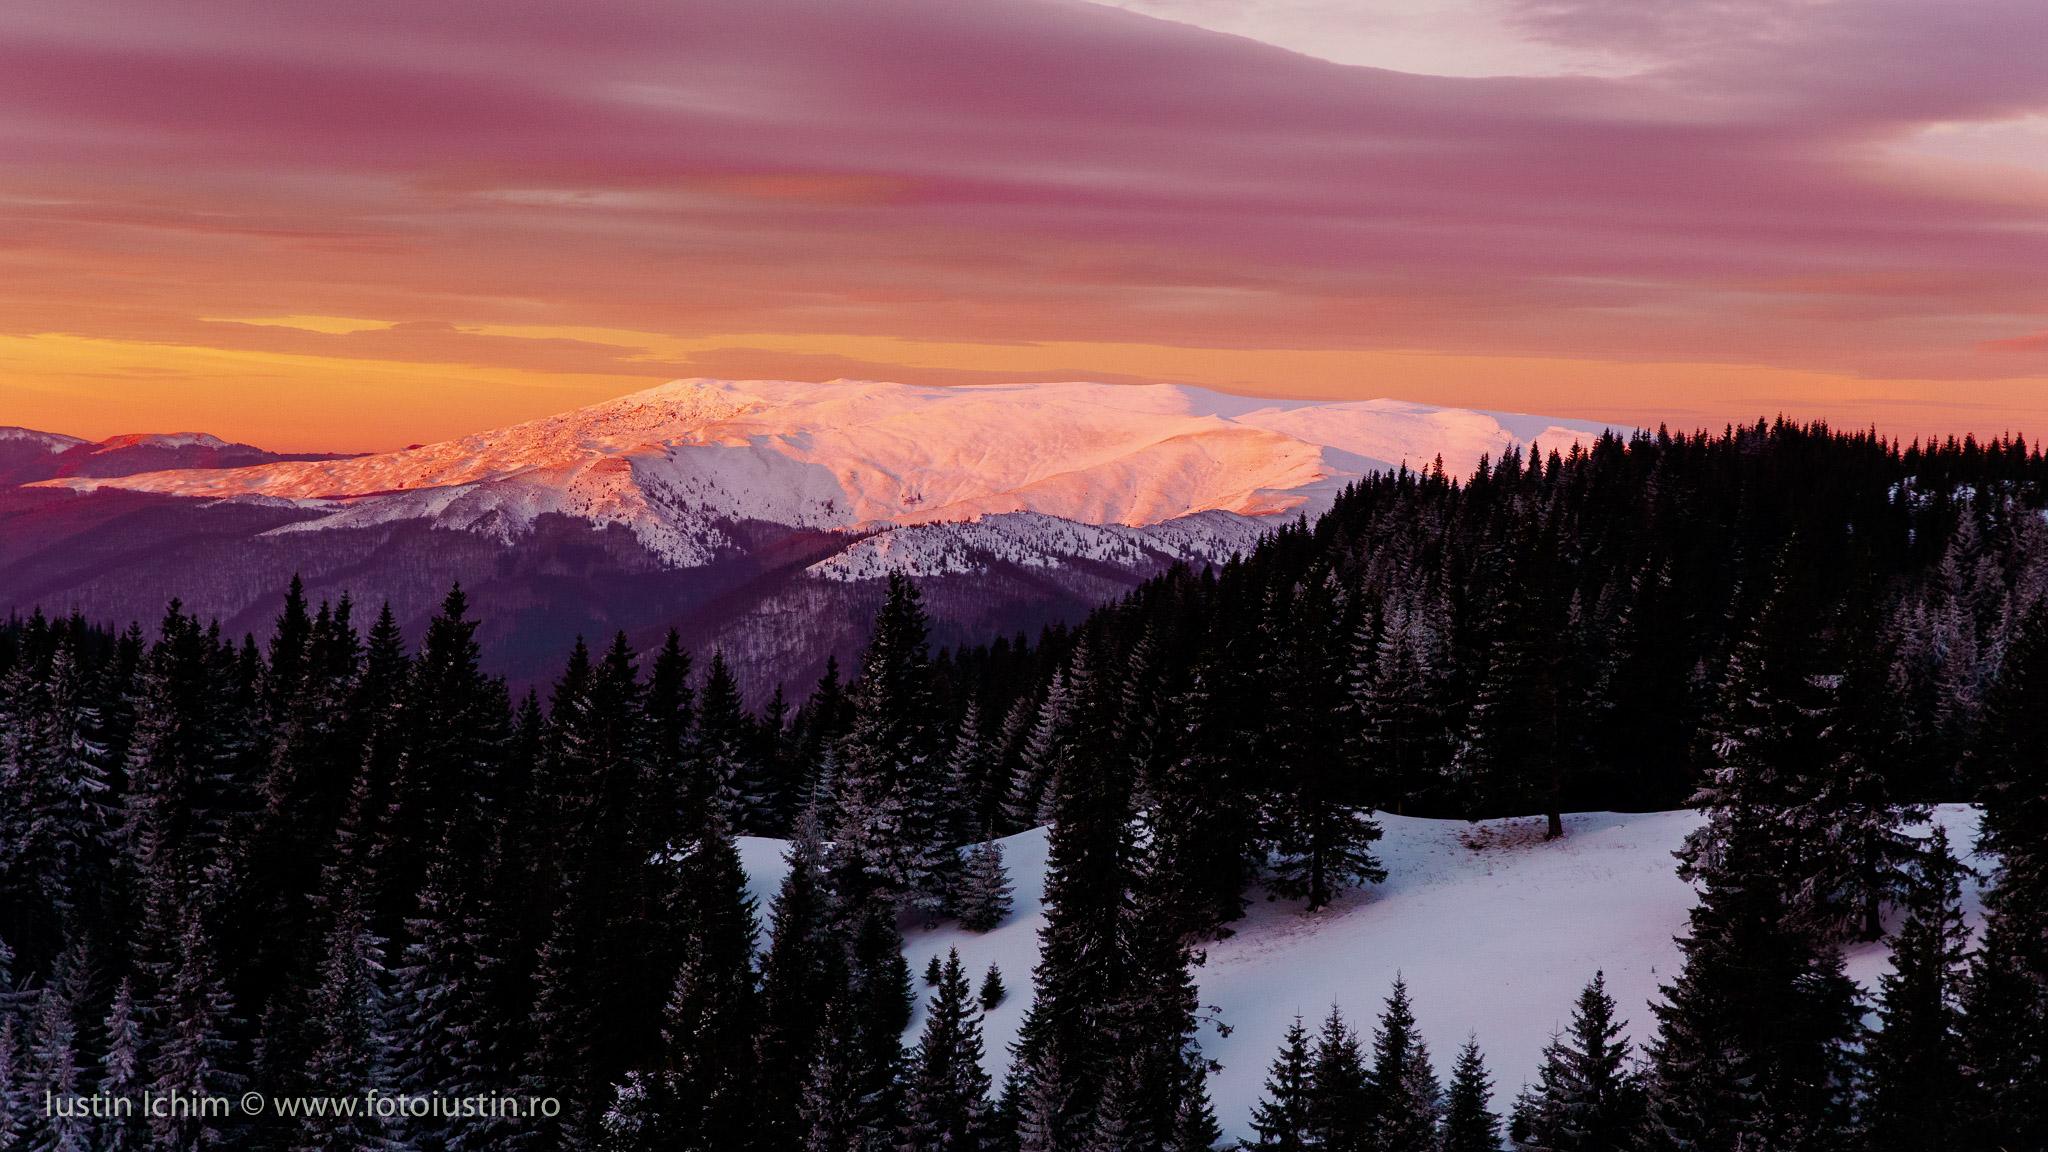 Răsărit, vedere spre munții Grohotiș